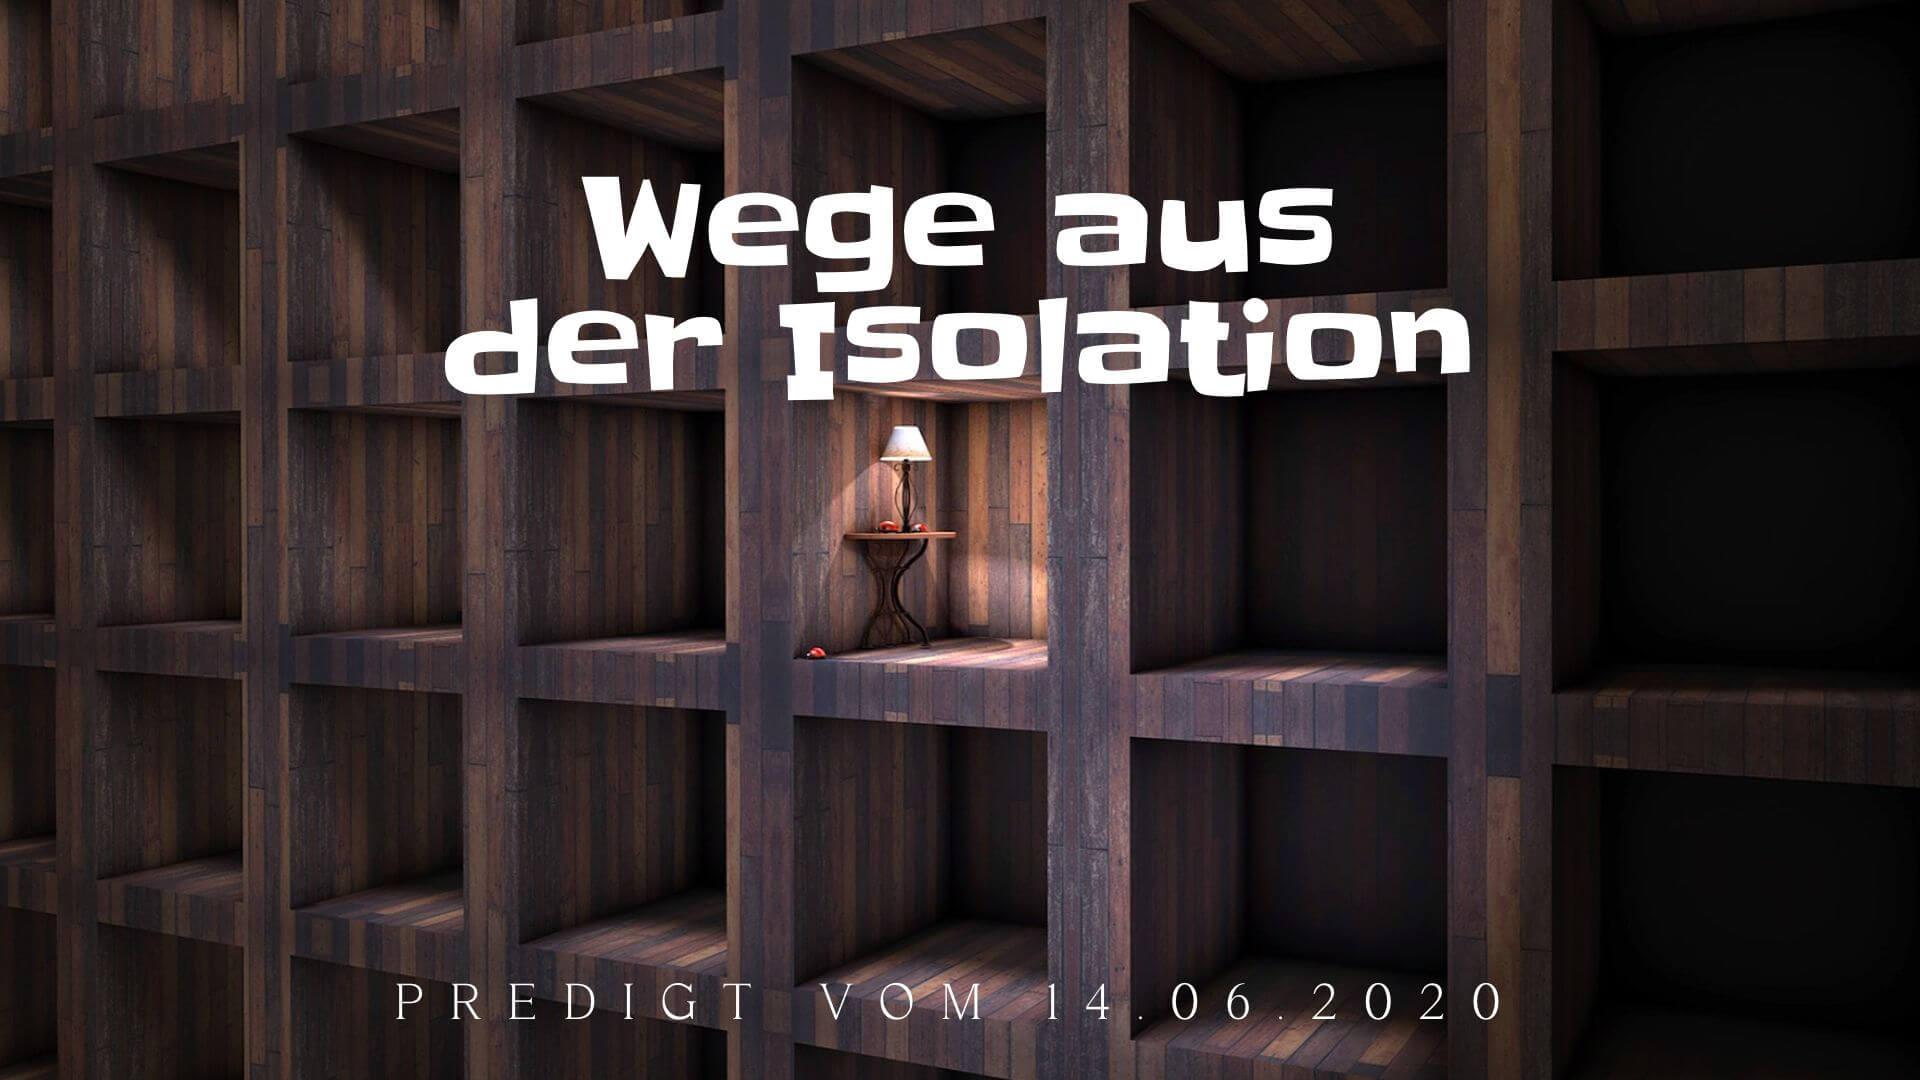 Wege aus der Isolation. Predigt vom 14.06.2020